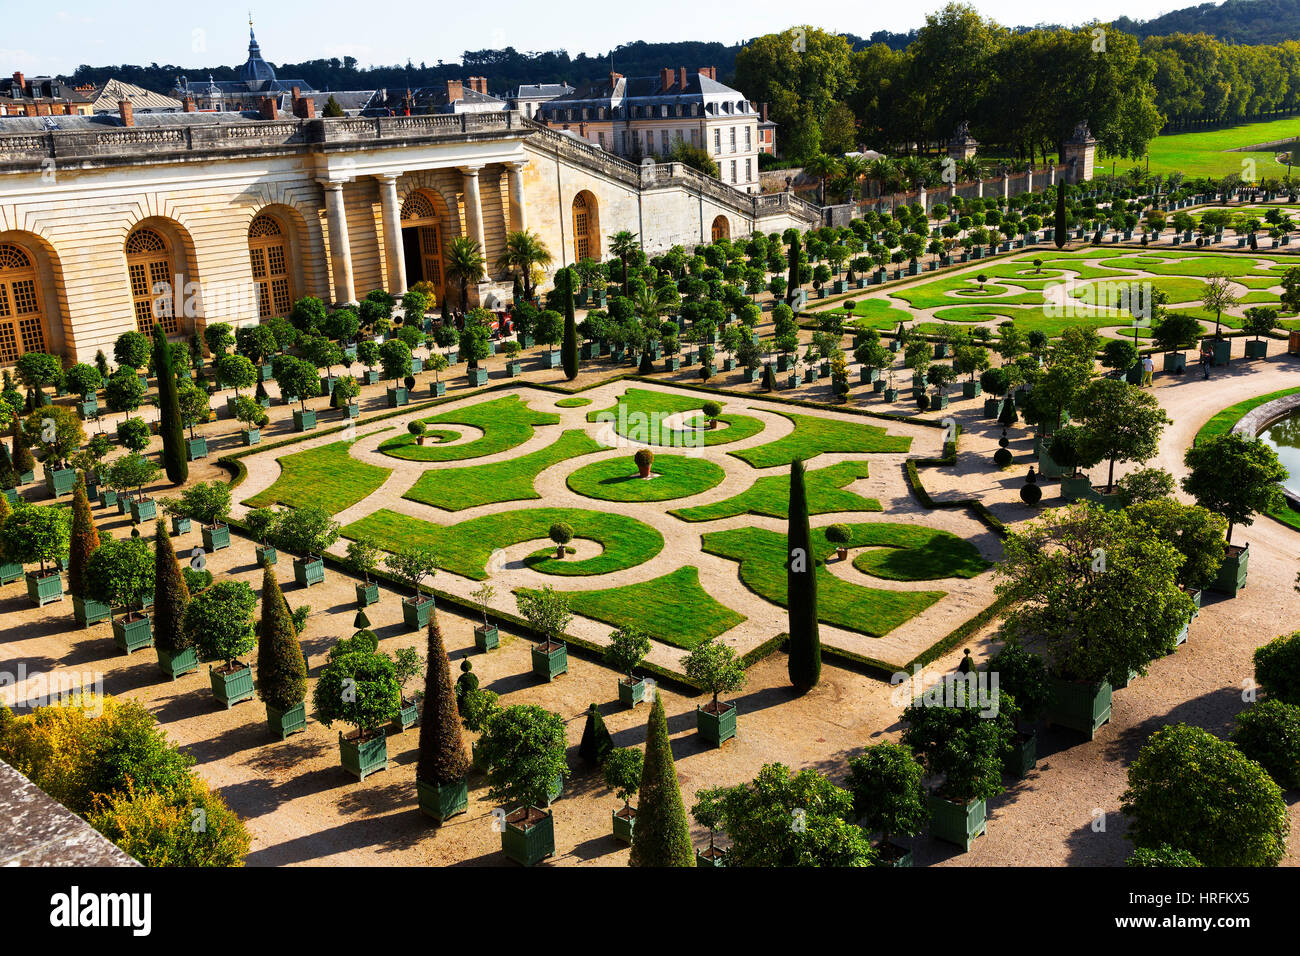 Giardini della reggia di versailles francia foto immagine stock